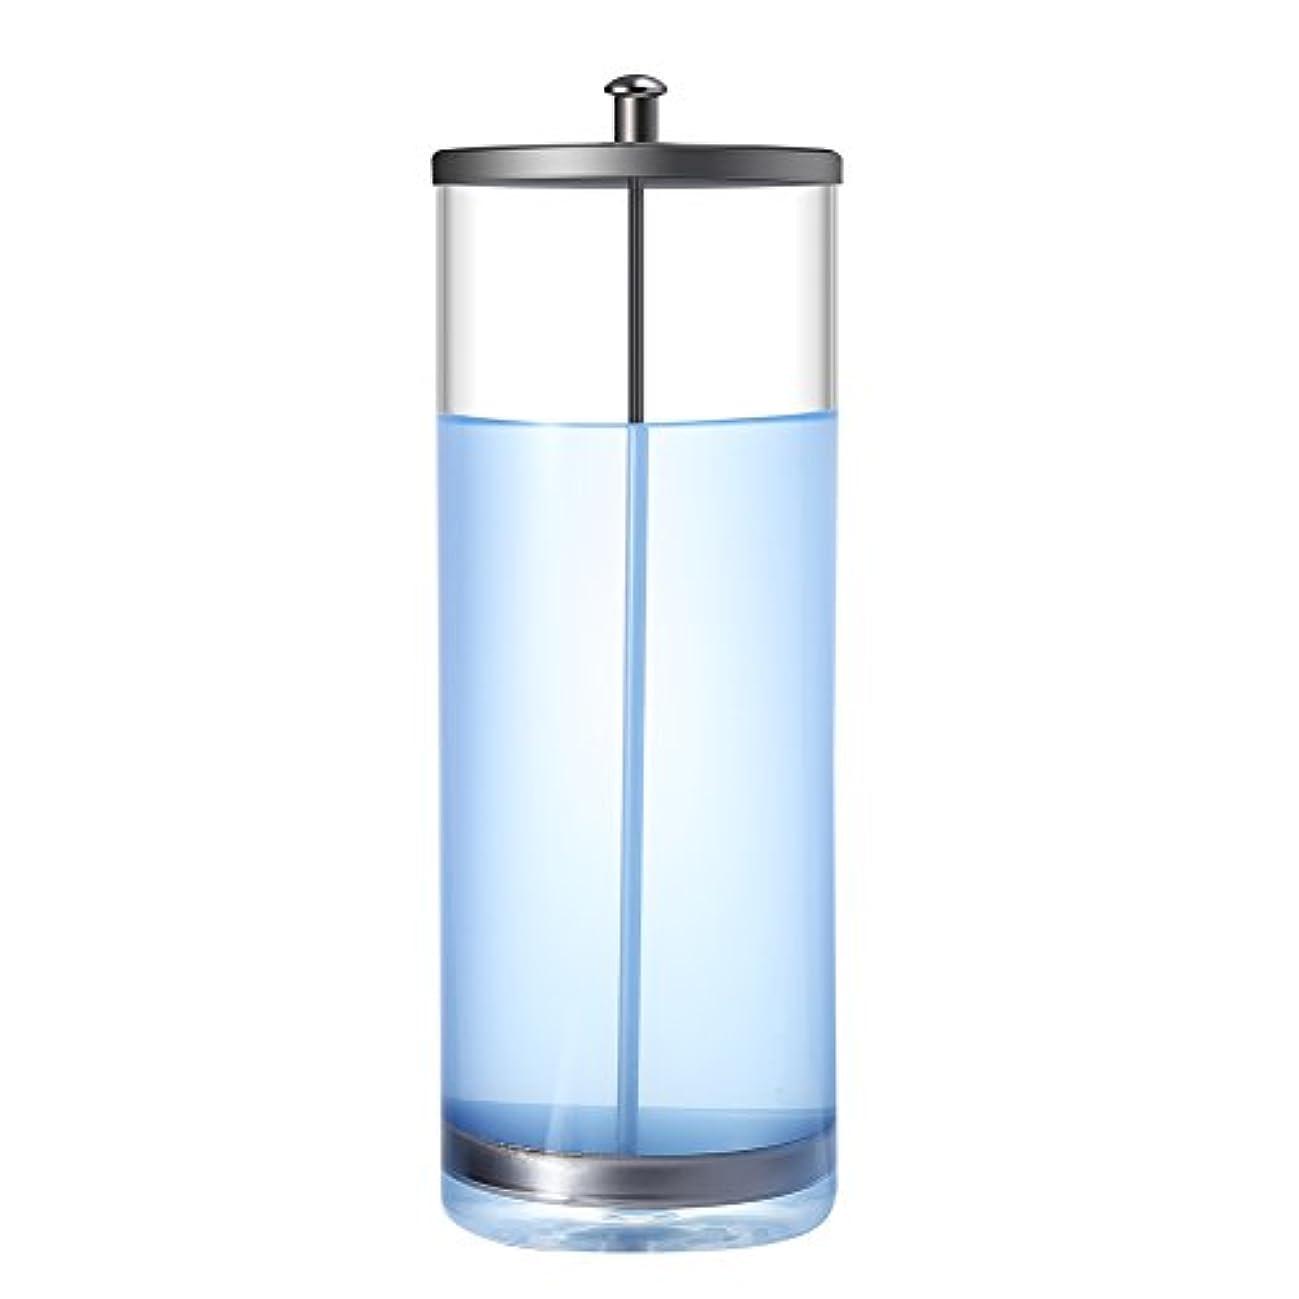 割合墓地ドライブサニタイザージャー、消毒ジャー滅菌容器サニタイザーガラスジャーマニキュアツールサロン用(9 inch)